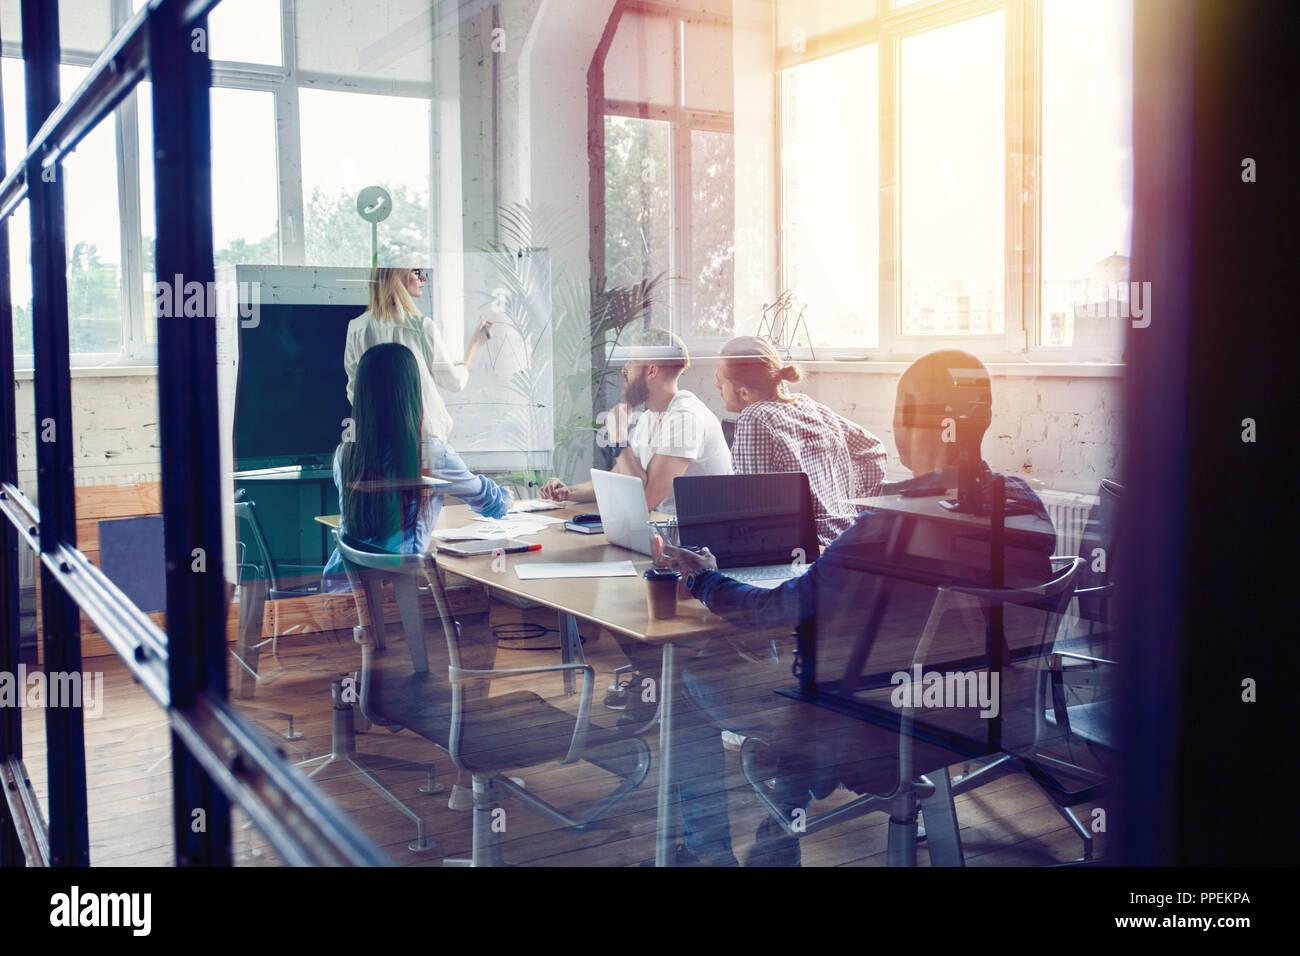 Lavorando duro per vincere. Imprenditrice condurre una presentazione con lavagna a fogli mobili mentre si lavora in ufficio creativo. Immagini Stock